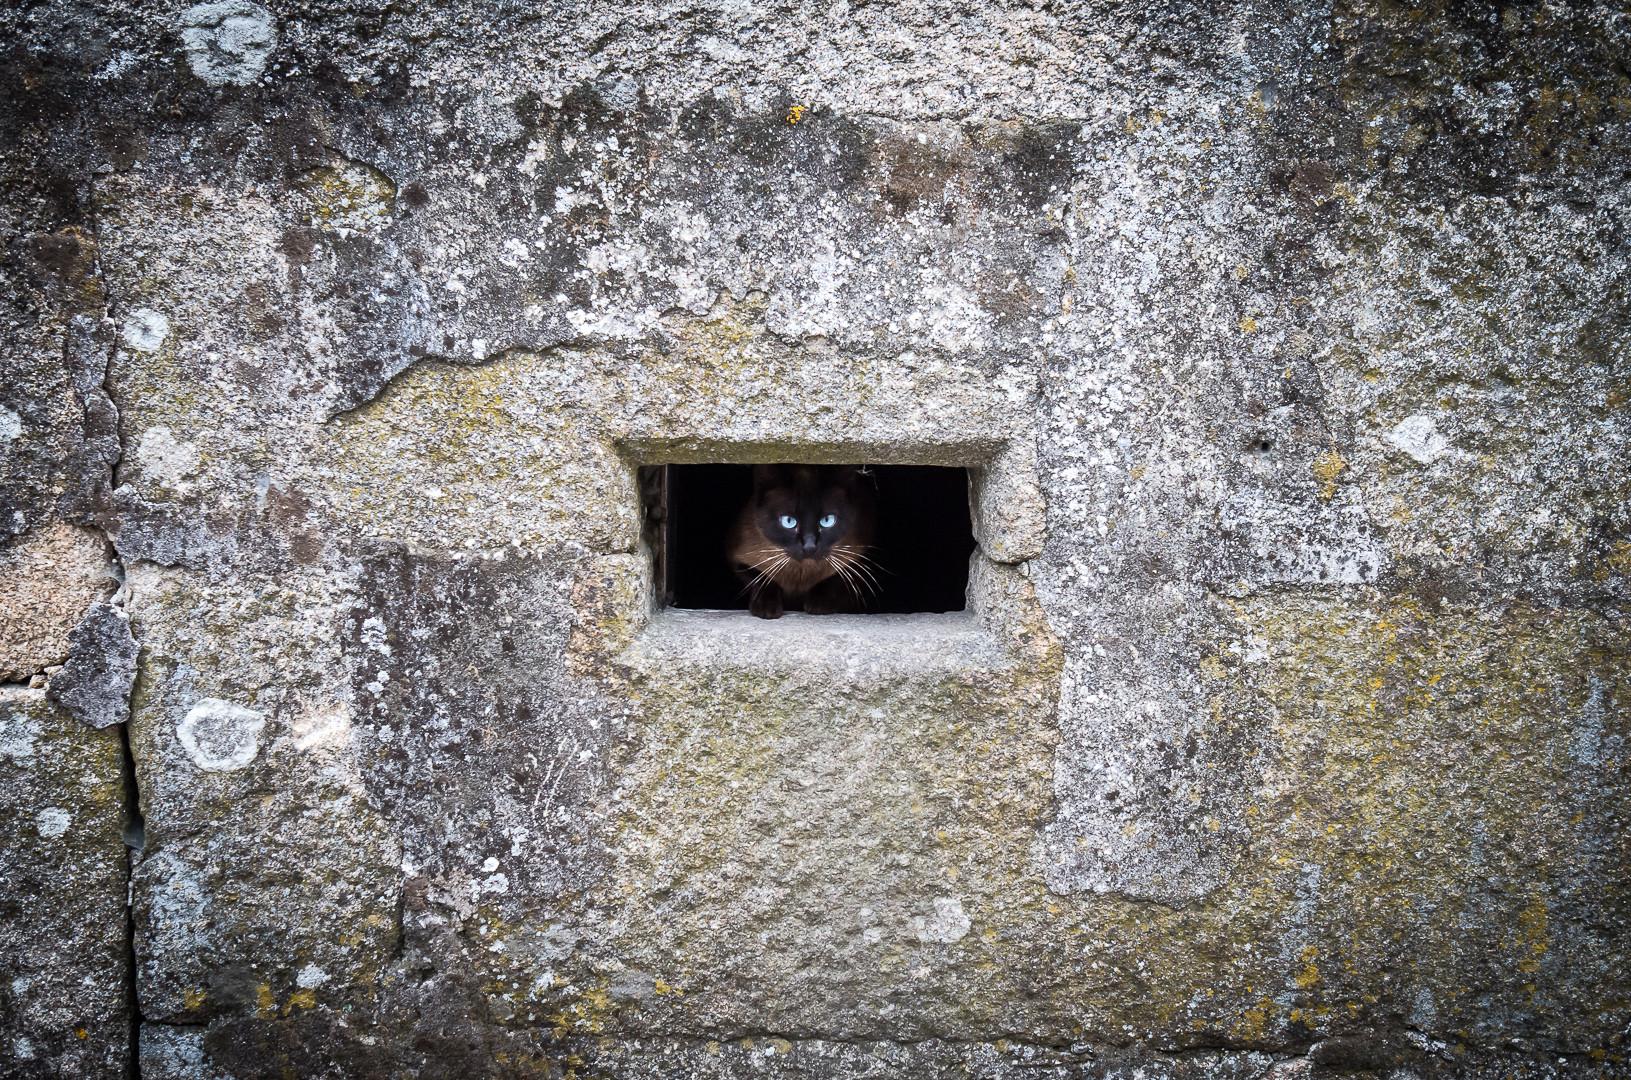 Galizische Katze